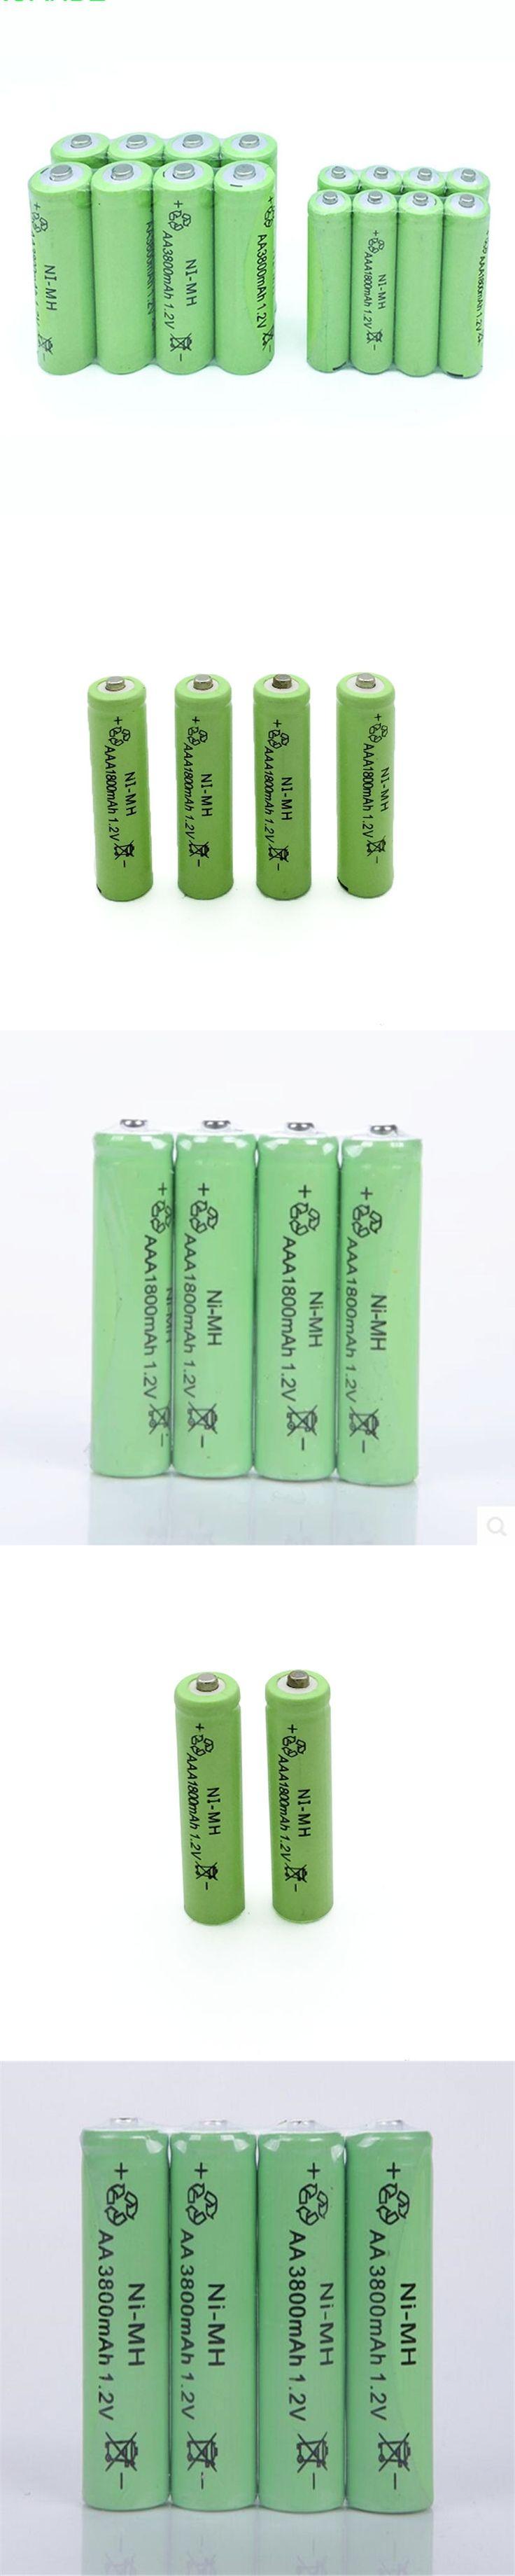 10XAA 3800MAH +10XAAA 1800MaH 1.2V NiMH Rechargeable Battery Free shipping